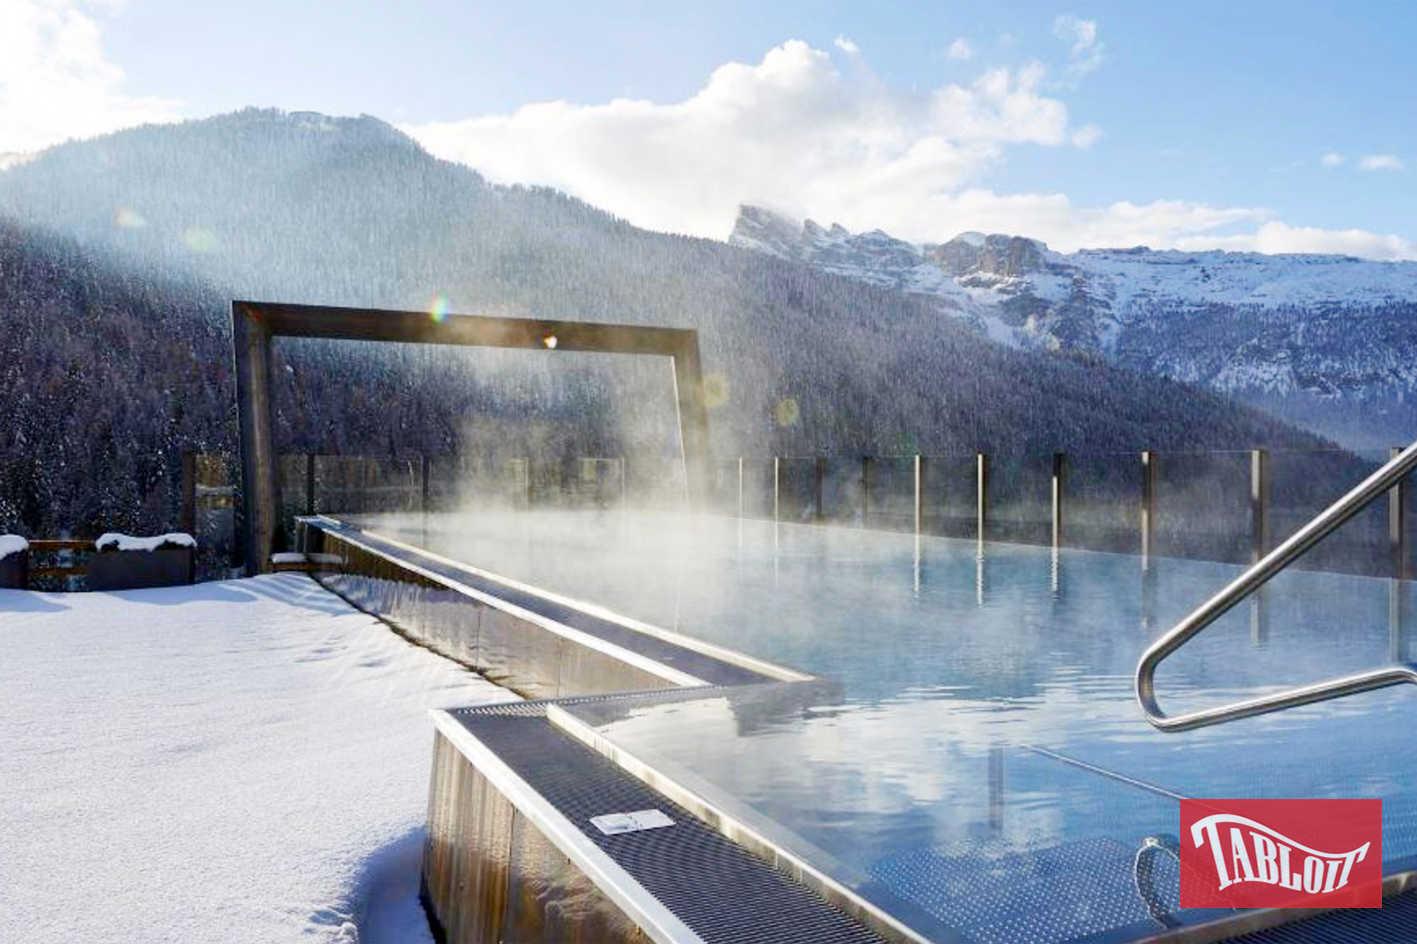 Una veduta della nuova Sky pool dell'hotel Fanes